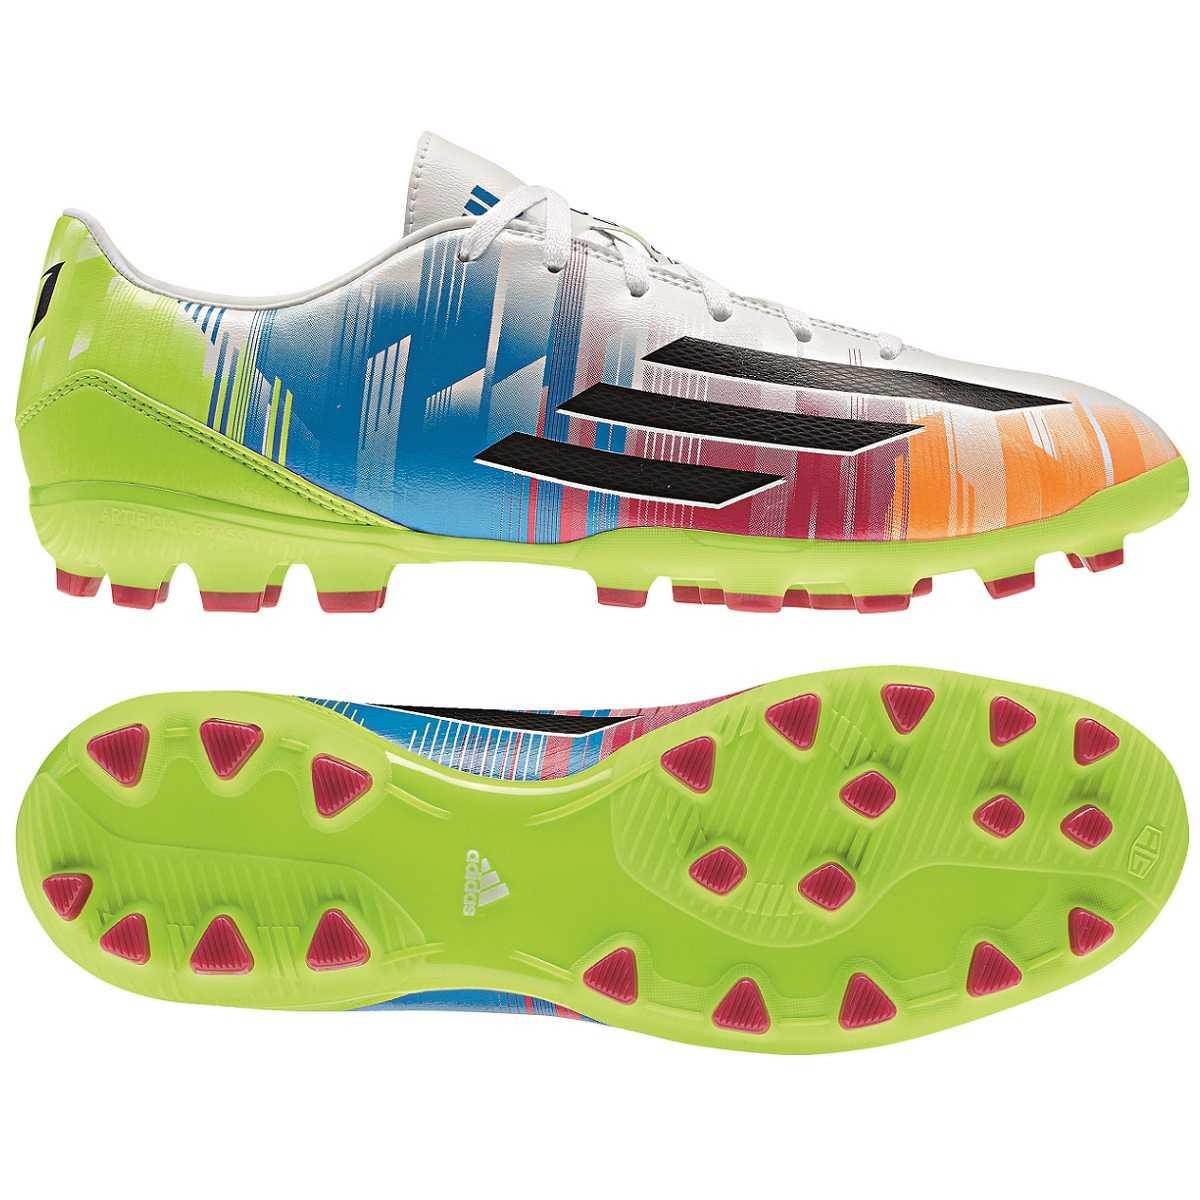 watch 43e79 0b083 Das Bild wird geladen Adidas-F10-TRX-AG-Schuhe-Fussballschuhe -Multinocken-Kunstrasen-